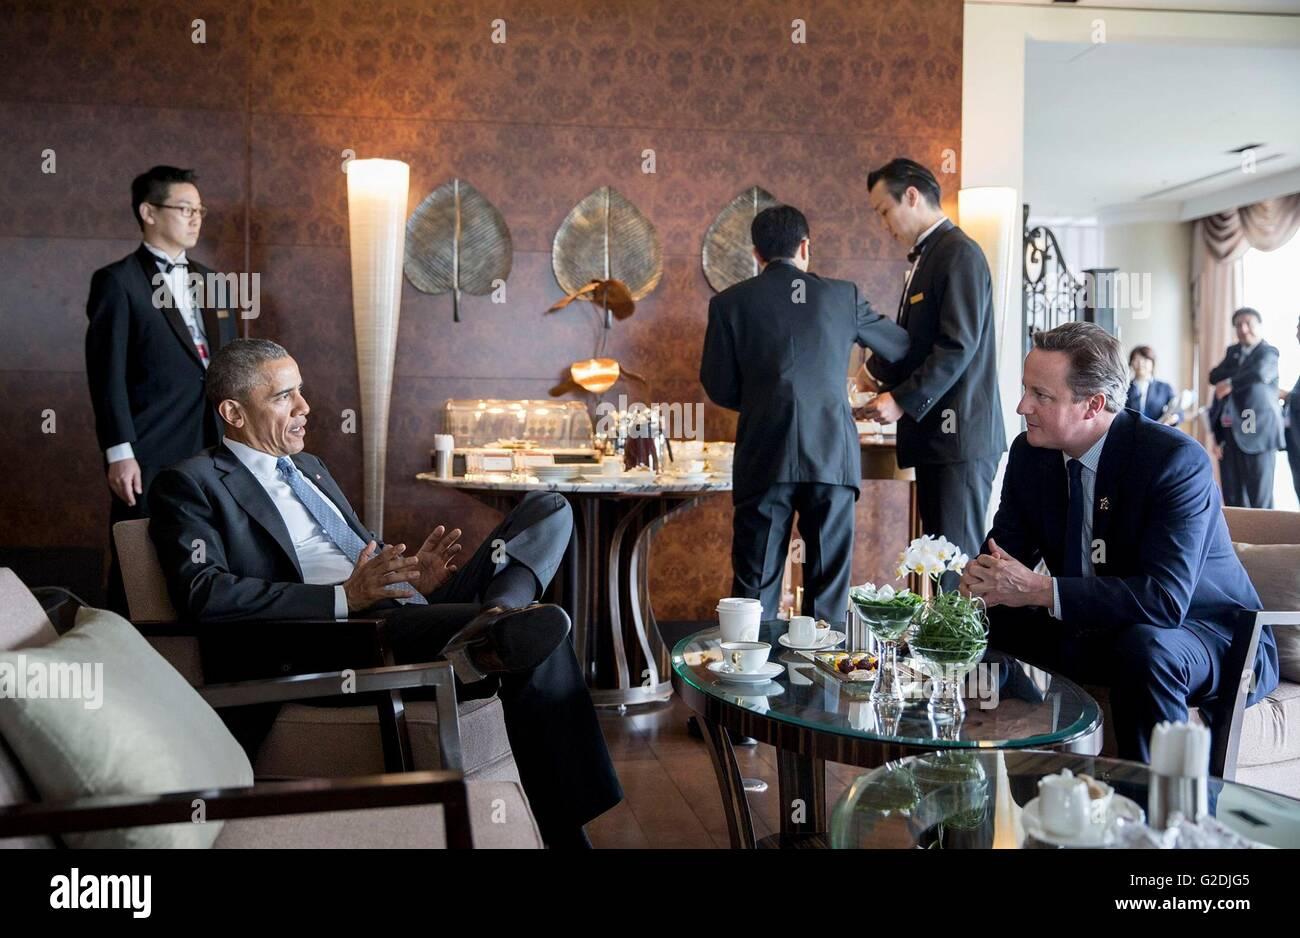 US-Präsident Barack Obama spricht mit der britische Premierminister David Cameron im Bay Suites während einer Kaffeepause zwischen Arbeitssitzungen auf dem G7-Gipfel 26. Mai 2016 in Shima, Präfektur Mie, Japan. Stockfoto